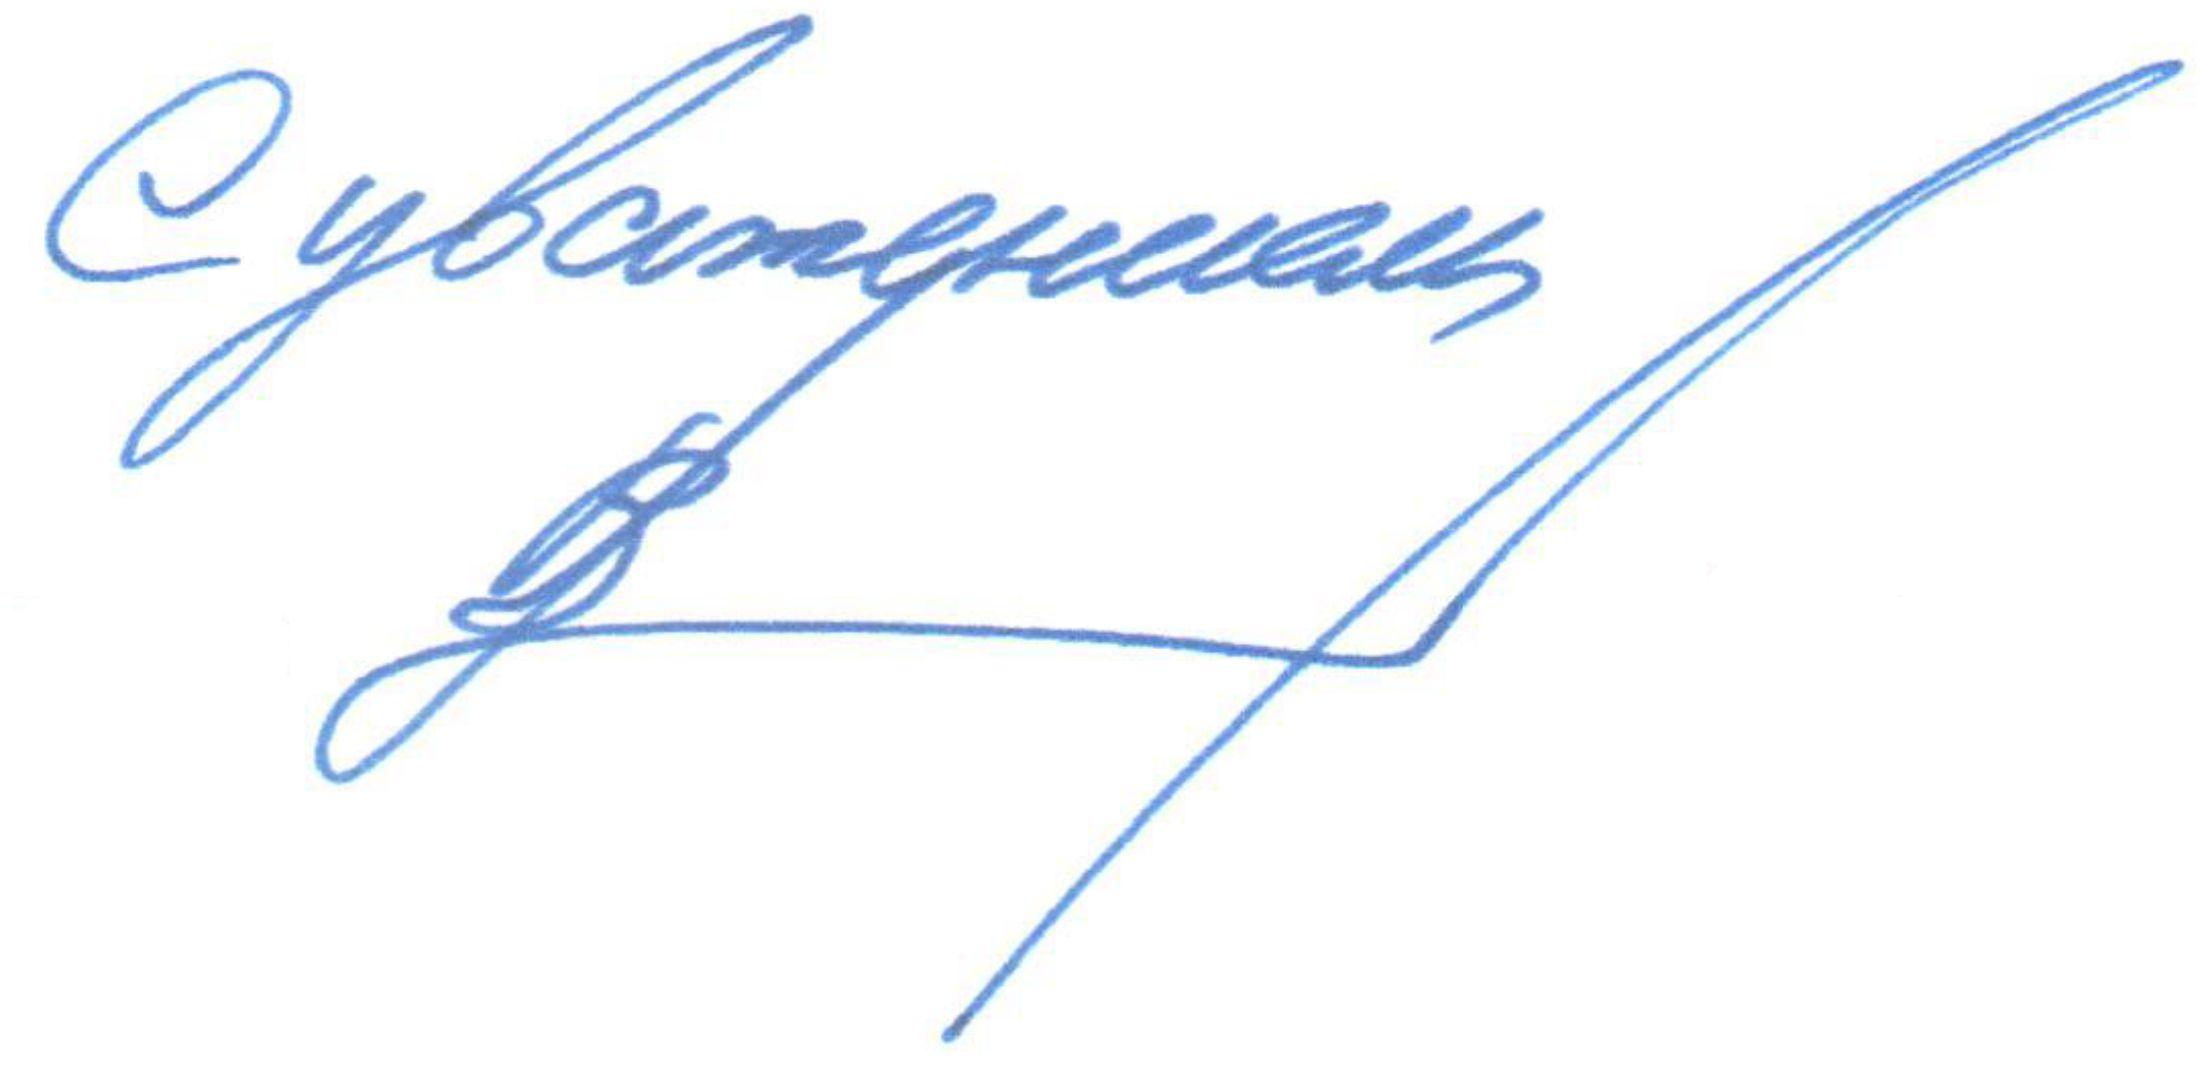 миклушевский подпись